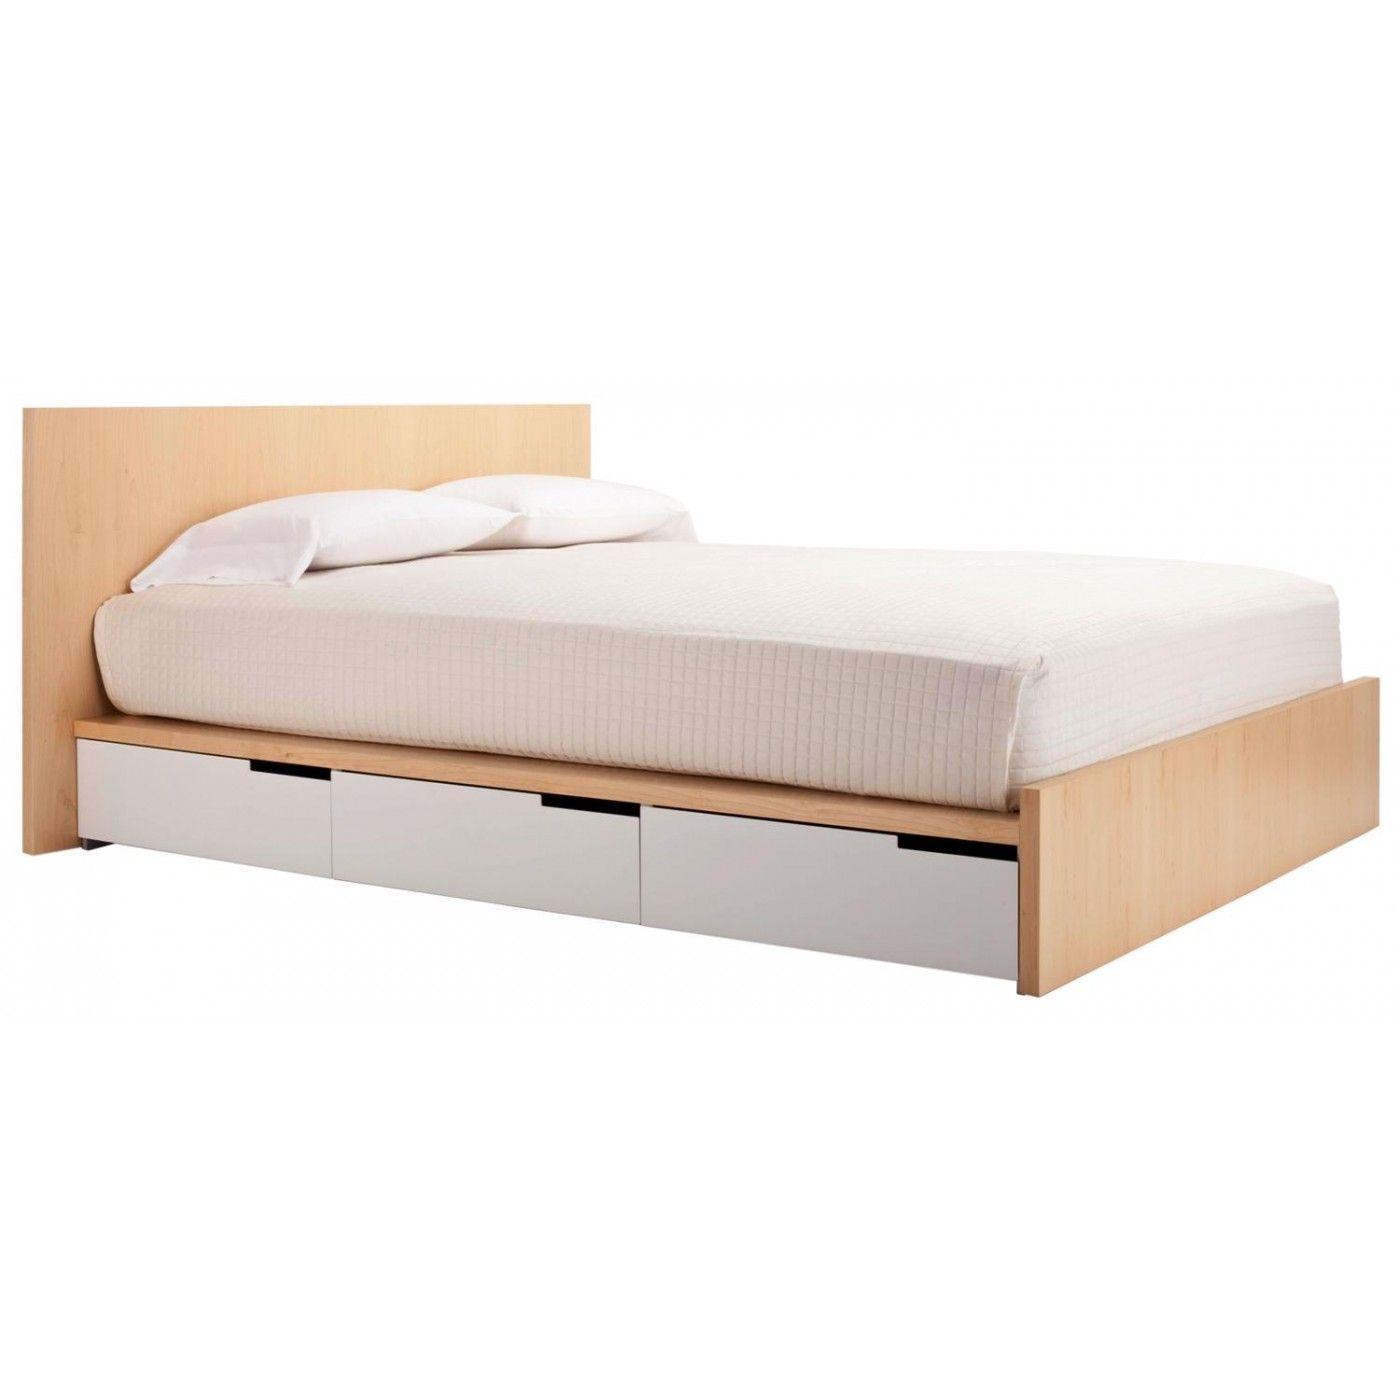 Queen Storage Bed - Maple / White